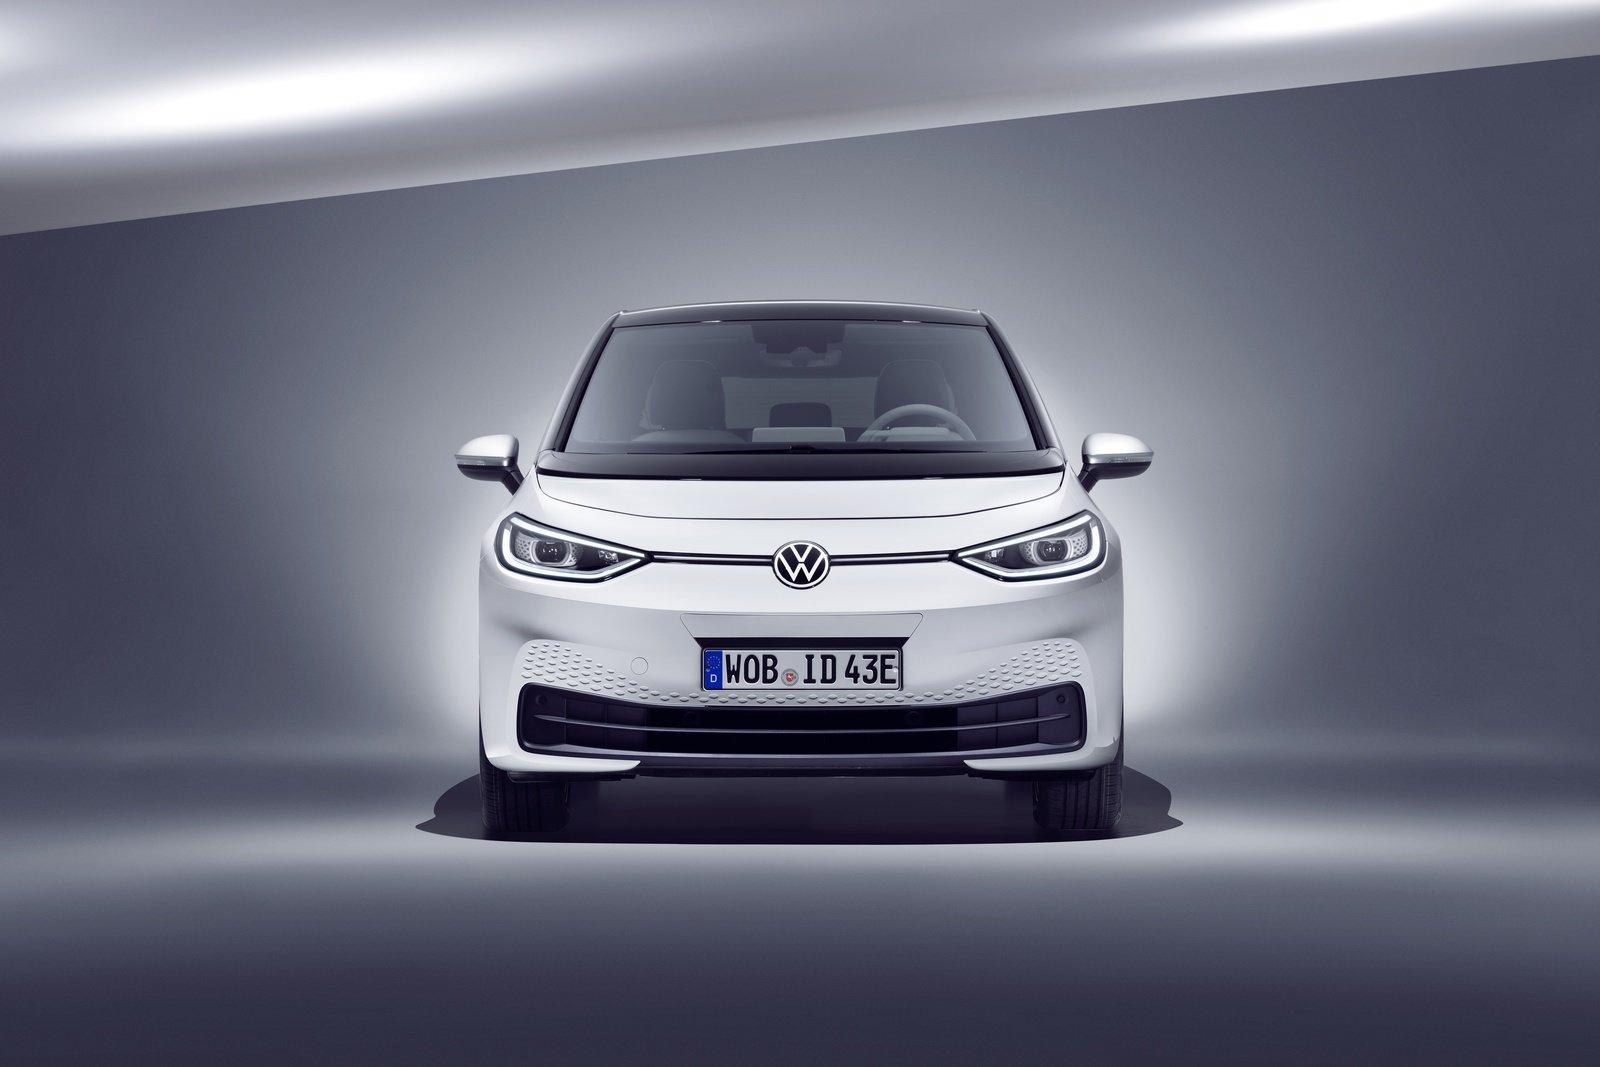 2020-volkswagen-id-3-13_1600x0w